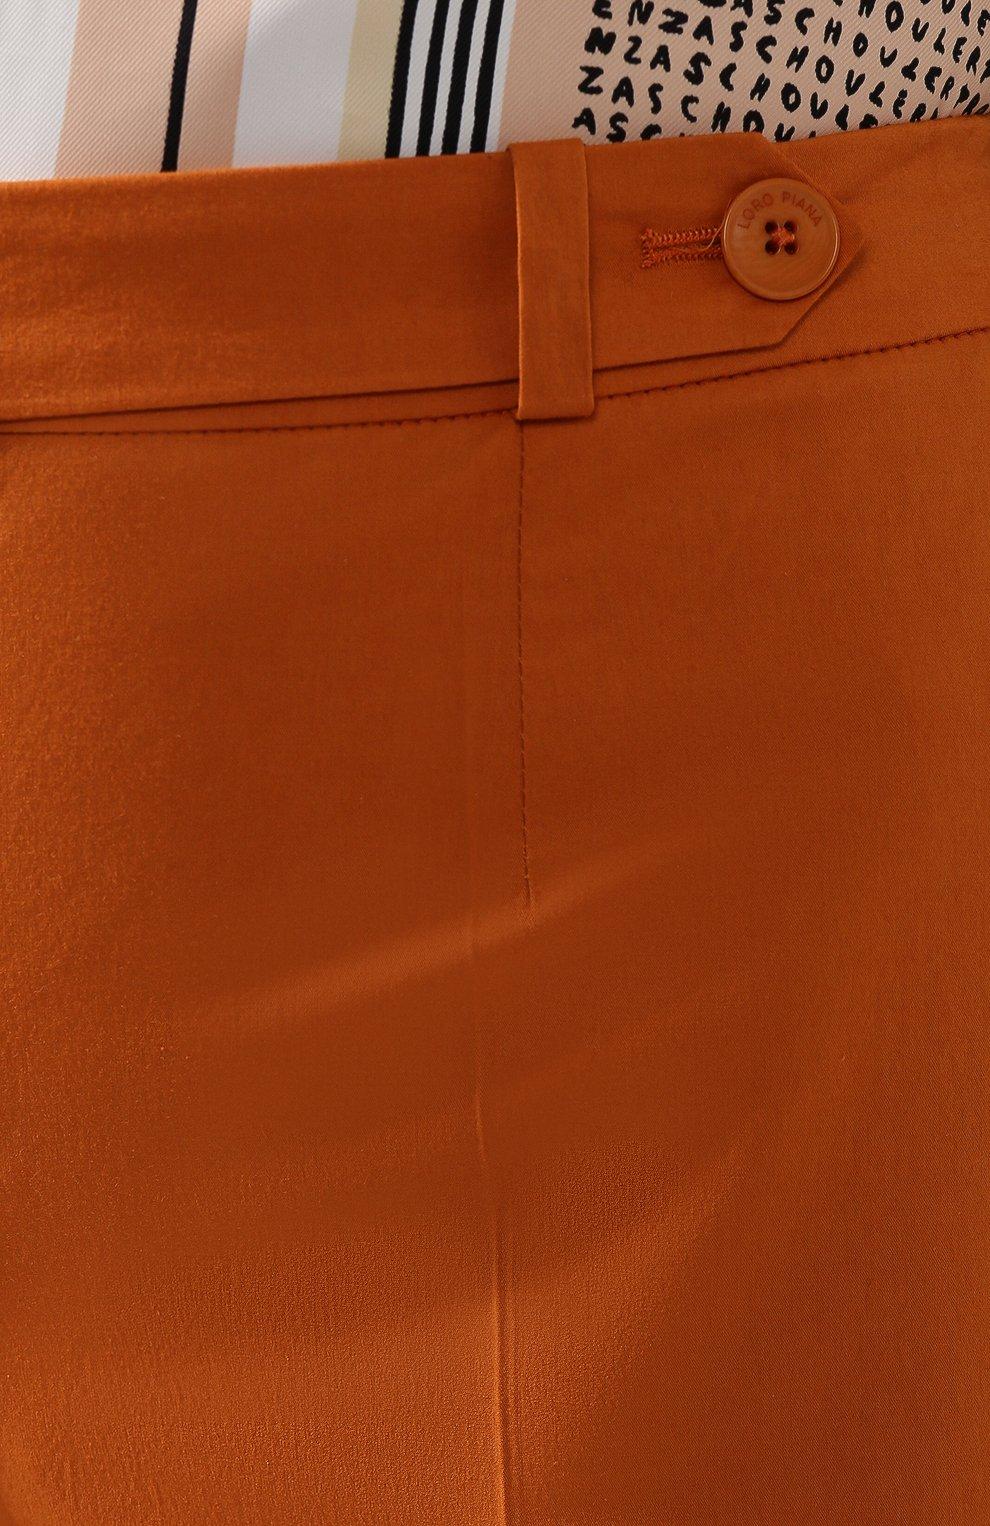 Женские хлопковые шорты LORO PIANA оранжевого цвета, арт. FAI6014 | Фото 5 (Женское Кросс-КТ: Шорты-одежда; Длина Ж (юбки, платья, шорты): Мини; Материал внешний: Хлопок; Стили: Классический, Минимализм, Кэжуэл)